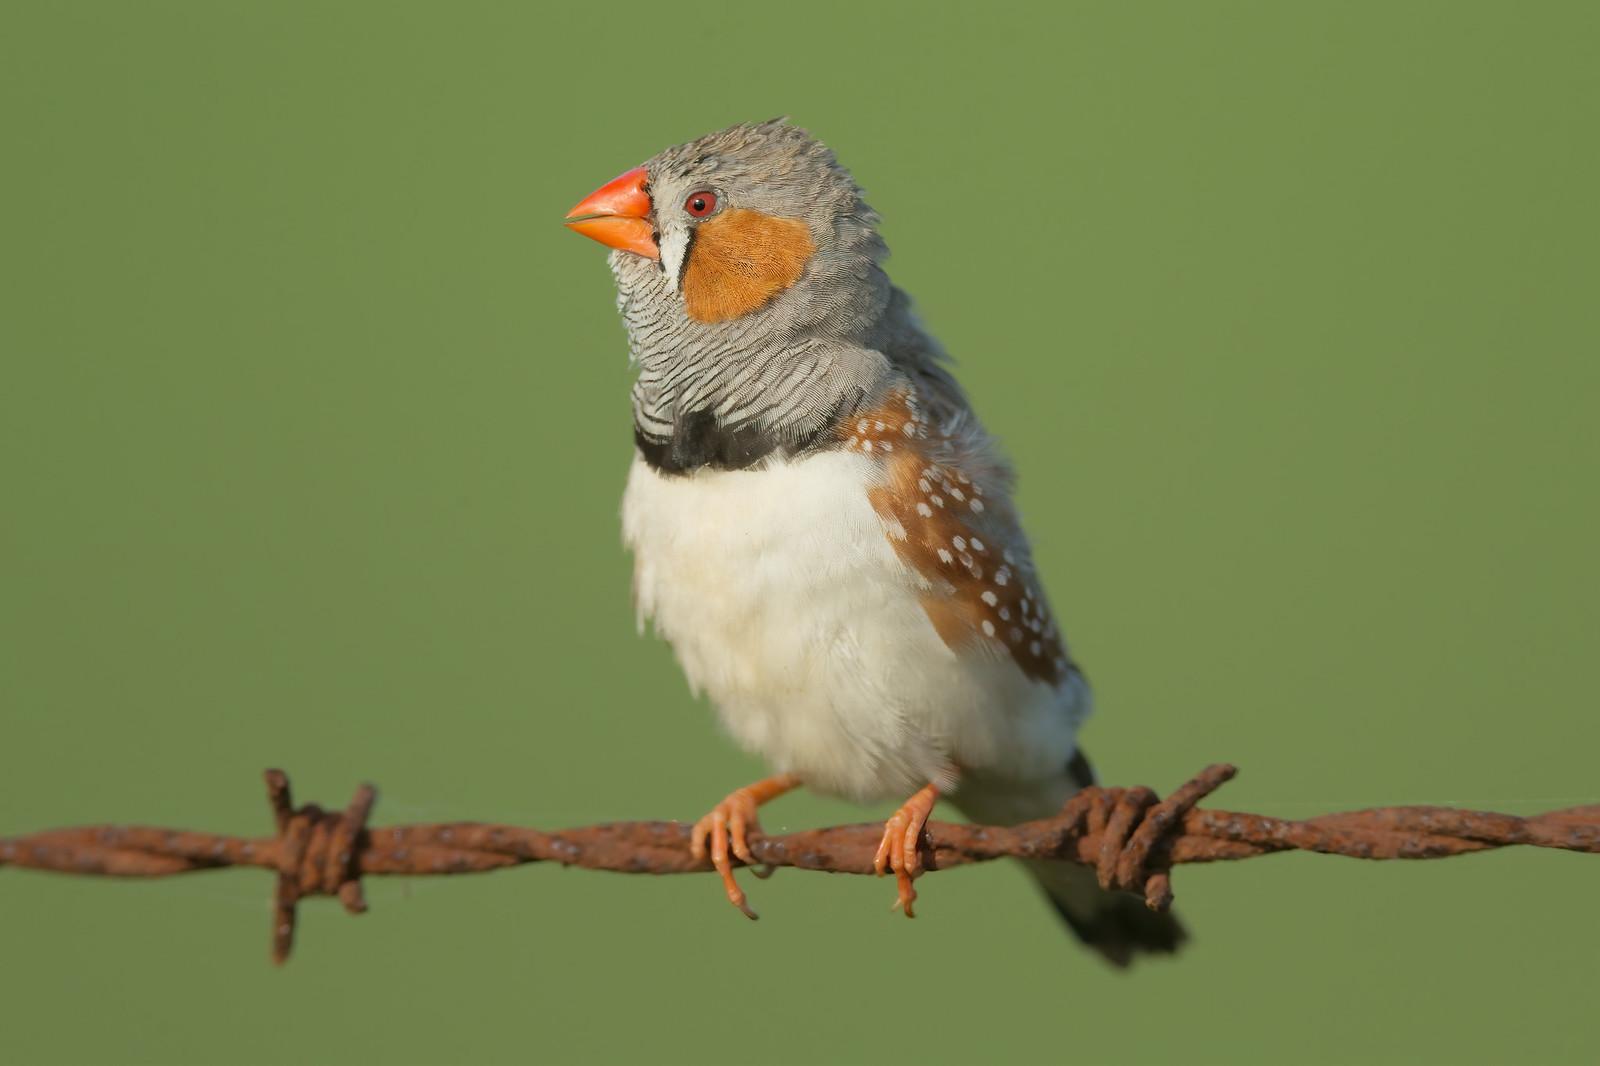 http://images.wikia.com/birds/images/e/eb/Zebra-finch-0008.jpg